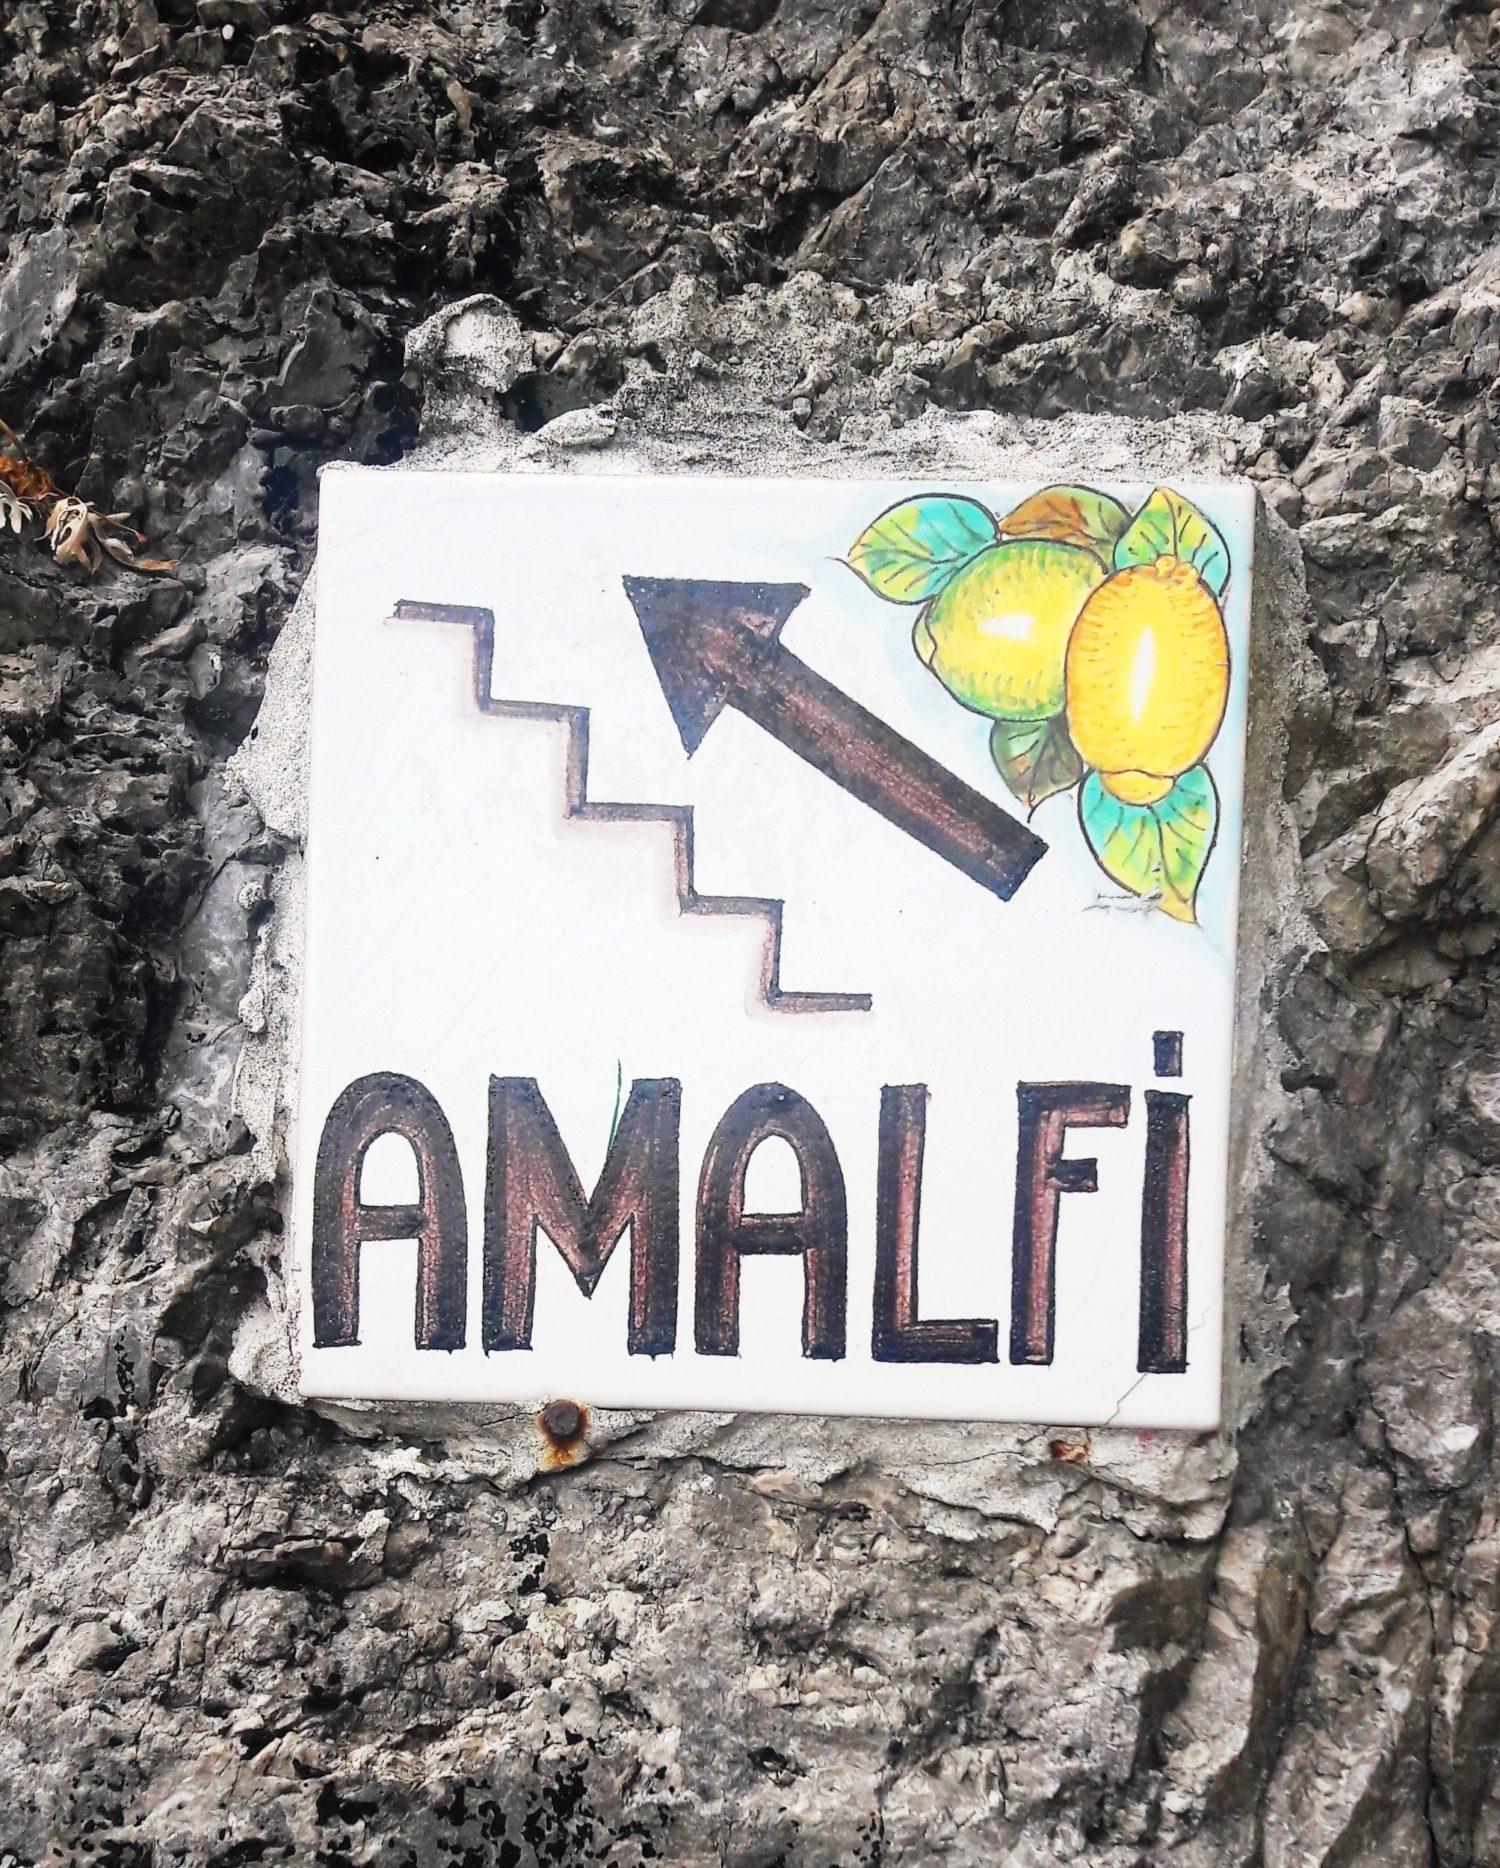 Wybrzeże Amalfi – wyprawa samochodowa. Parking, plaża, knajpka.